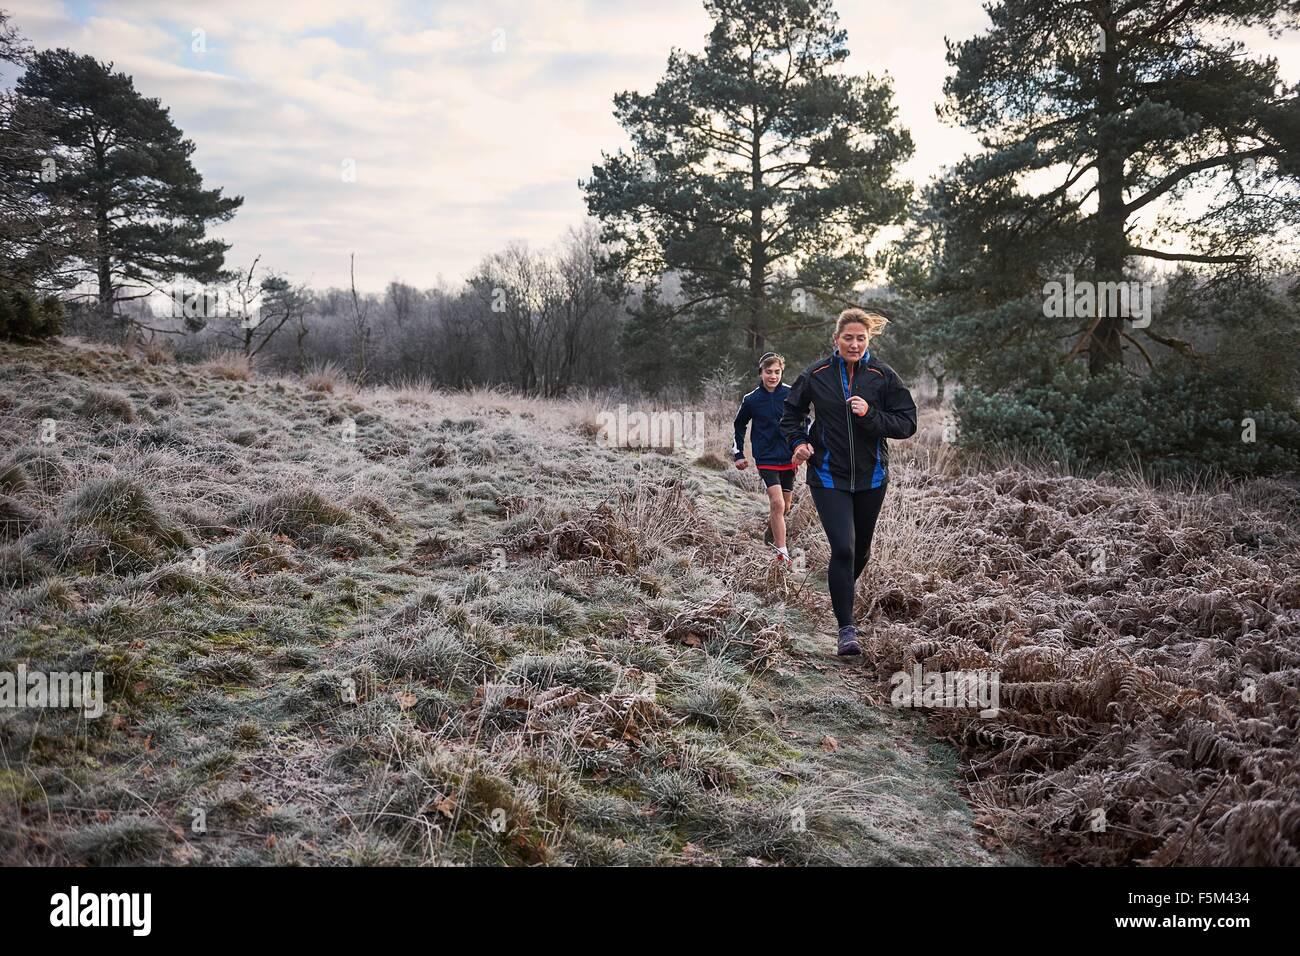 Vorderansicht von Mutter und Sohn läuft auf eisigen Grünland Stockbild